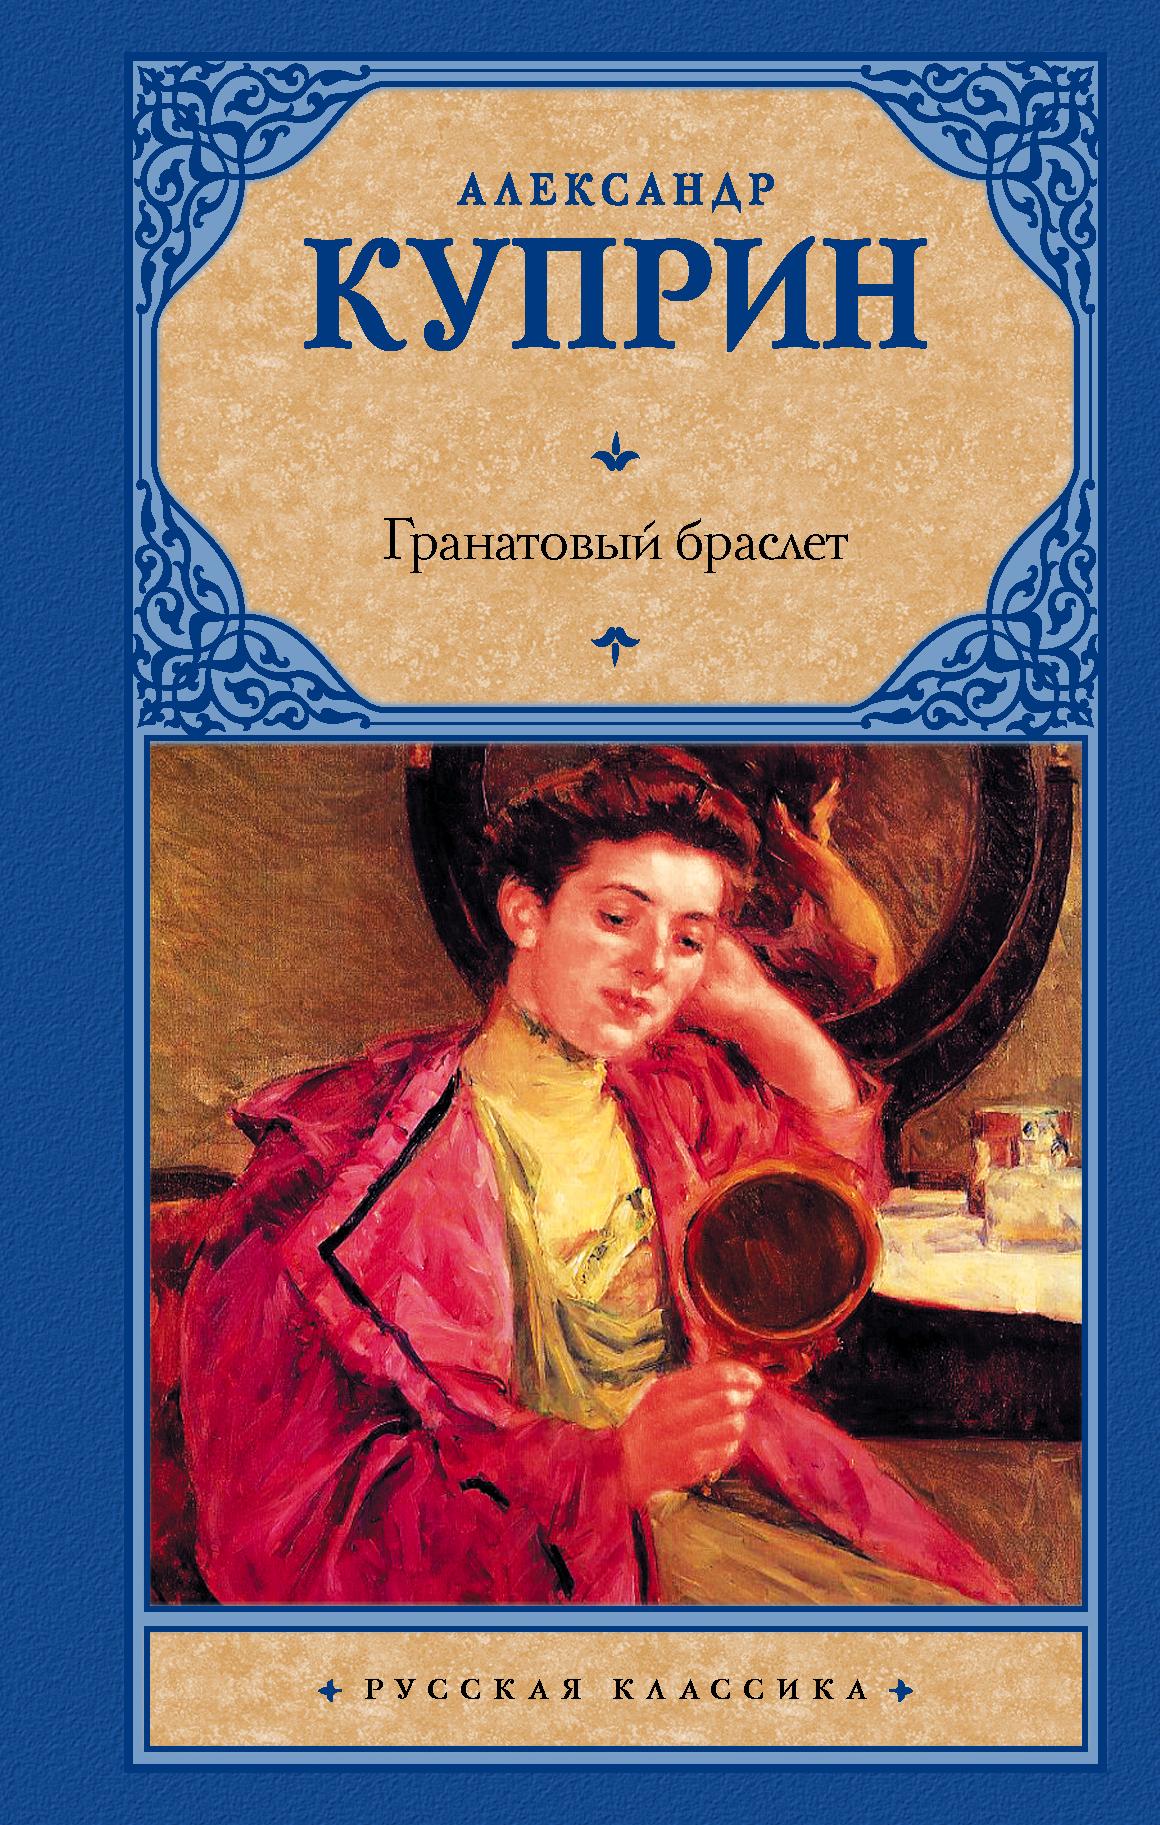 Куприн А.А. Гранатовый браслет ISBN: 978-5-17-068486-1 а и куприн юнкера